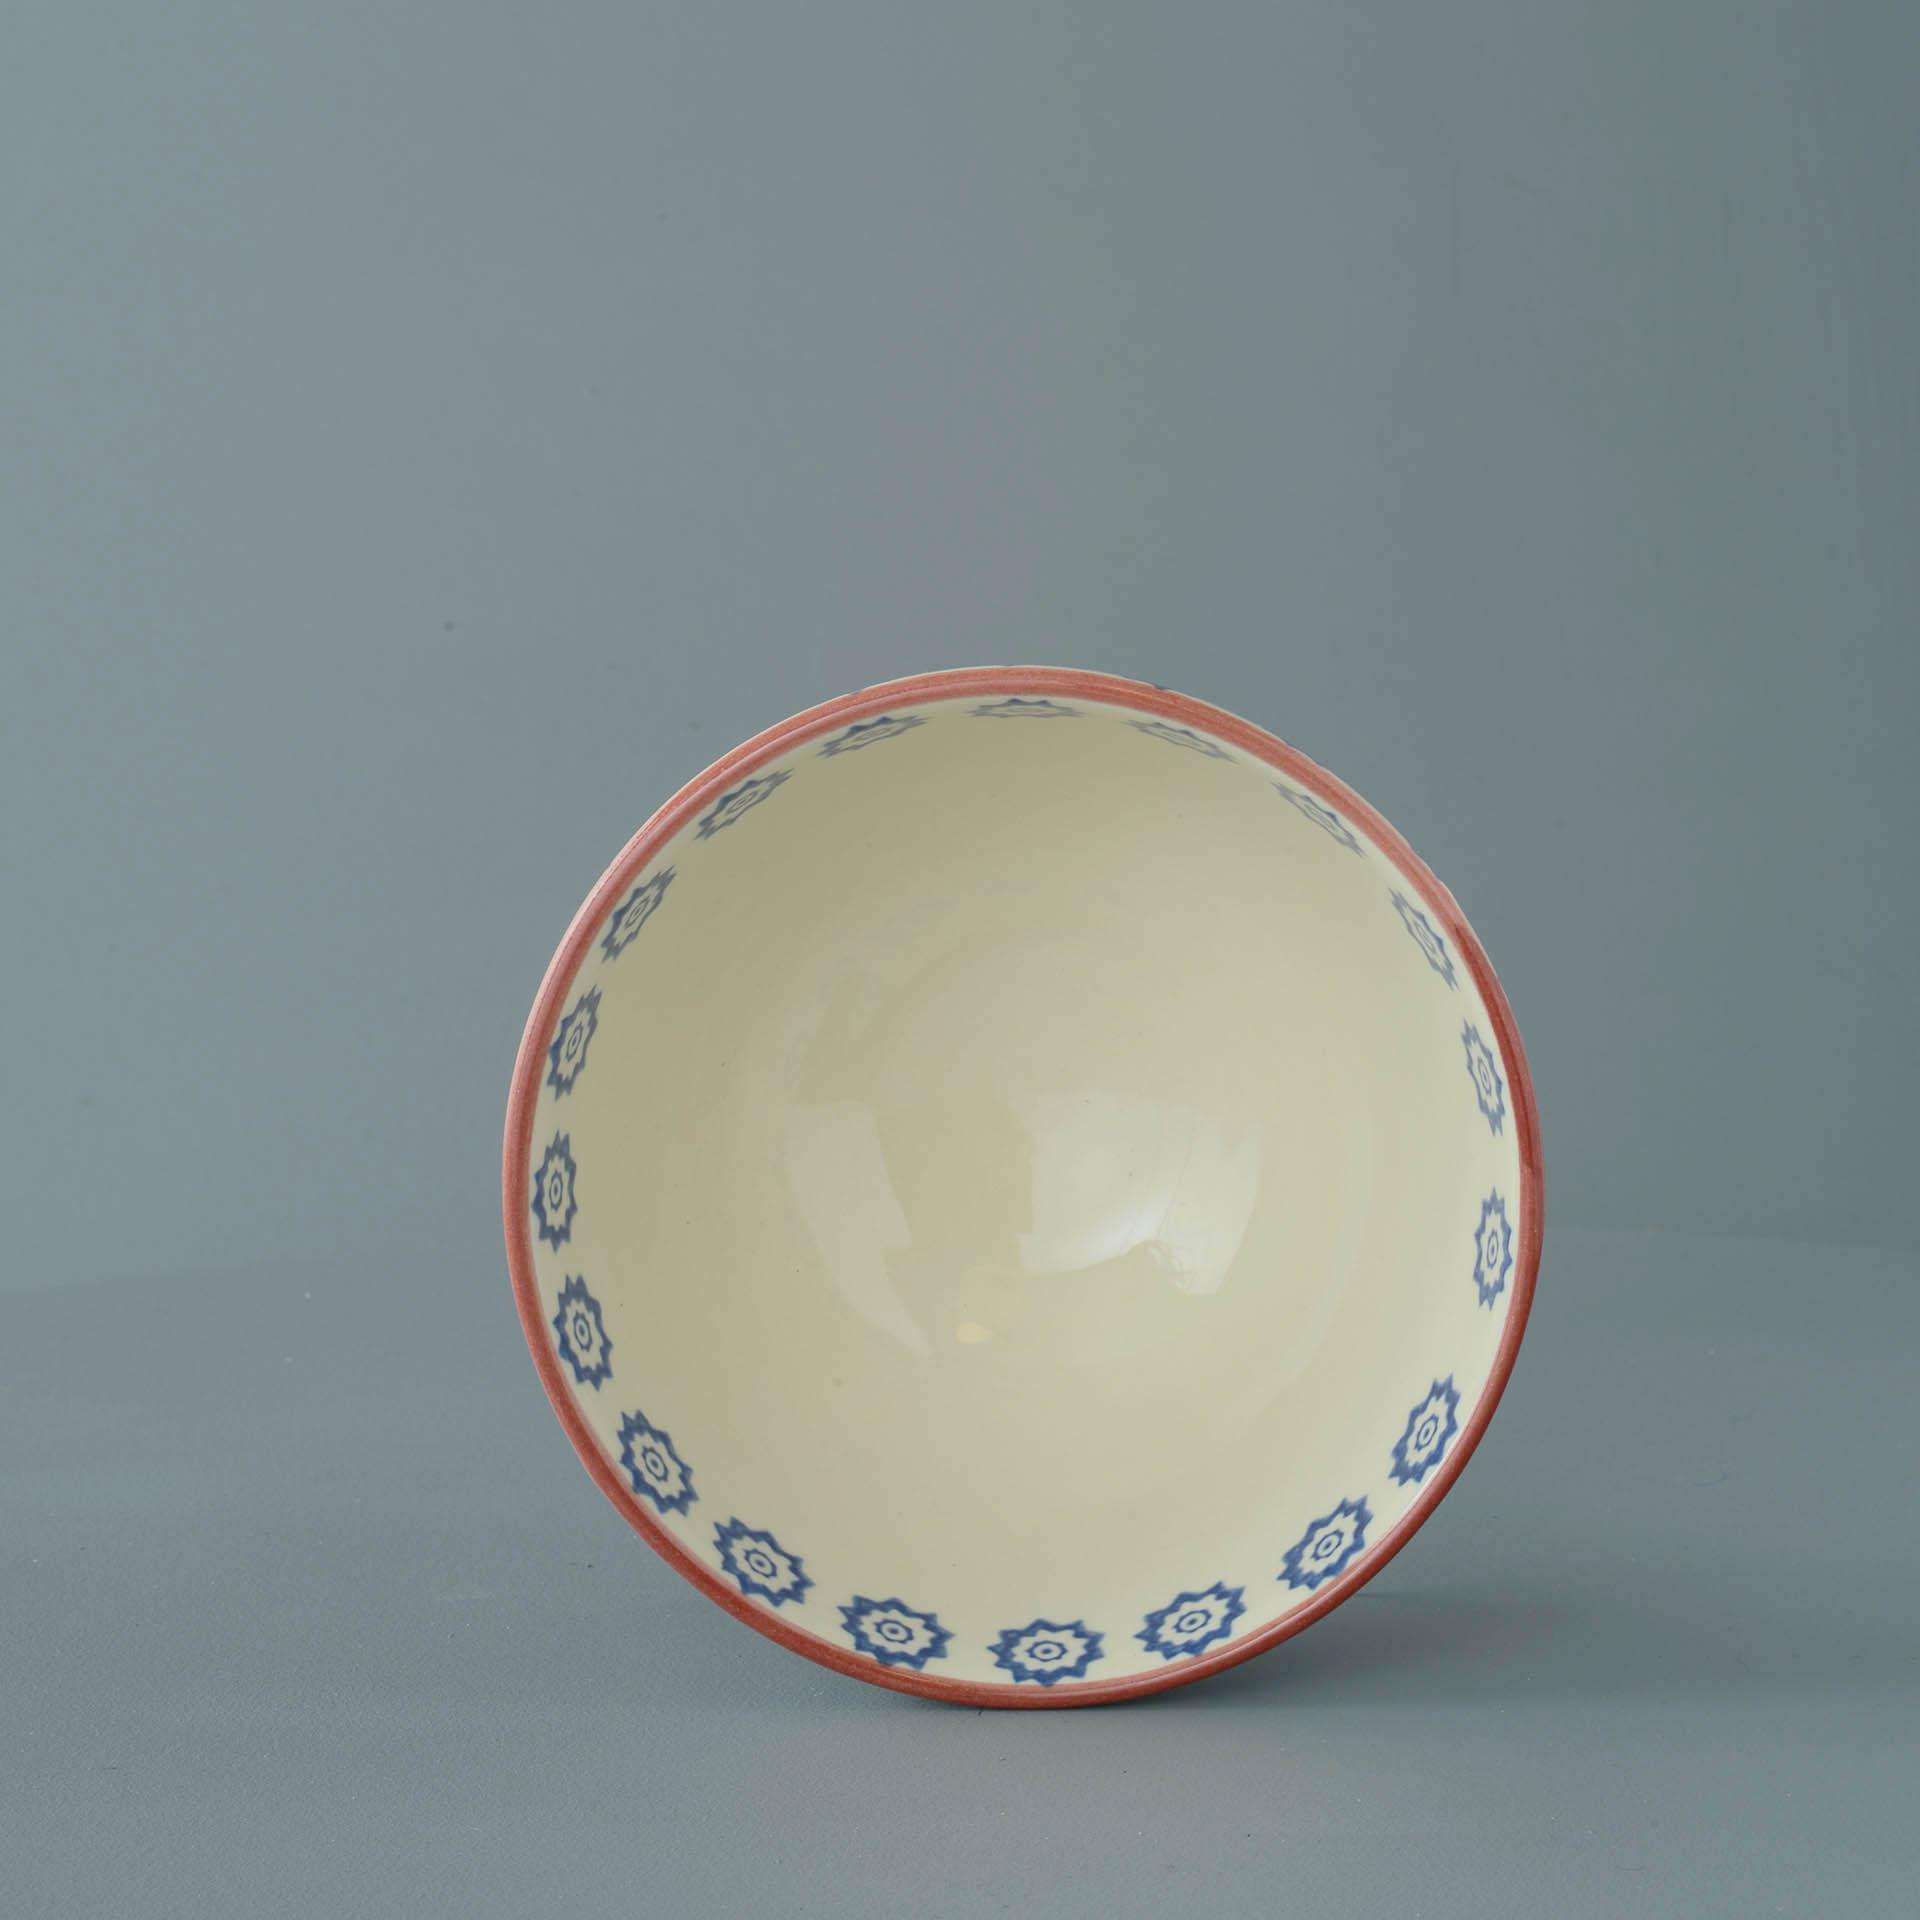 Victorian Floral Soup Bowl 9 x 15.5cm